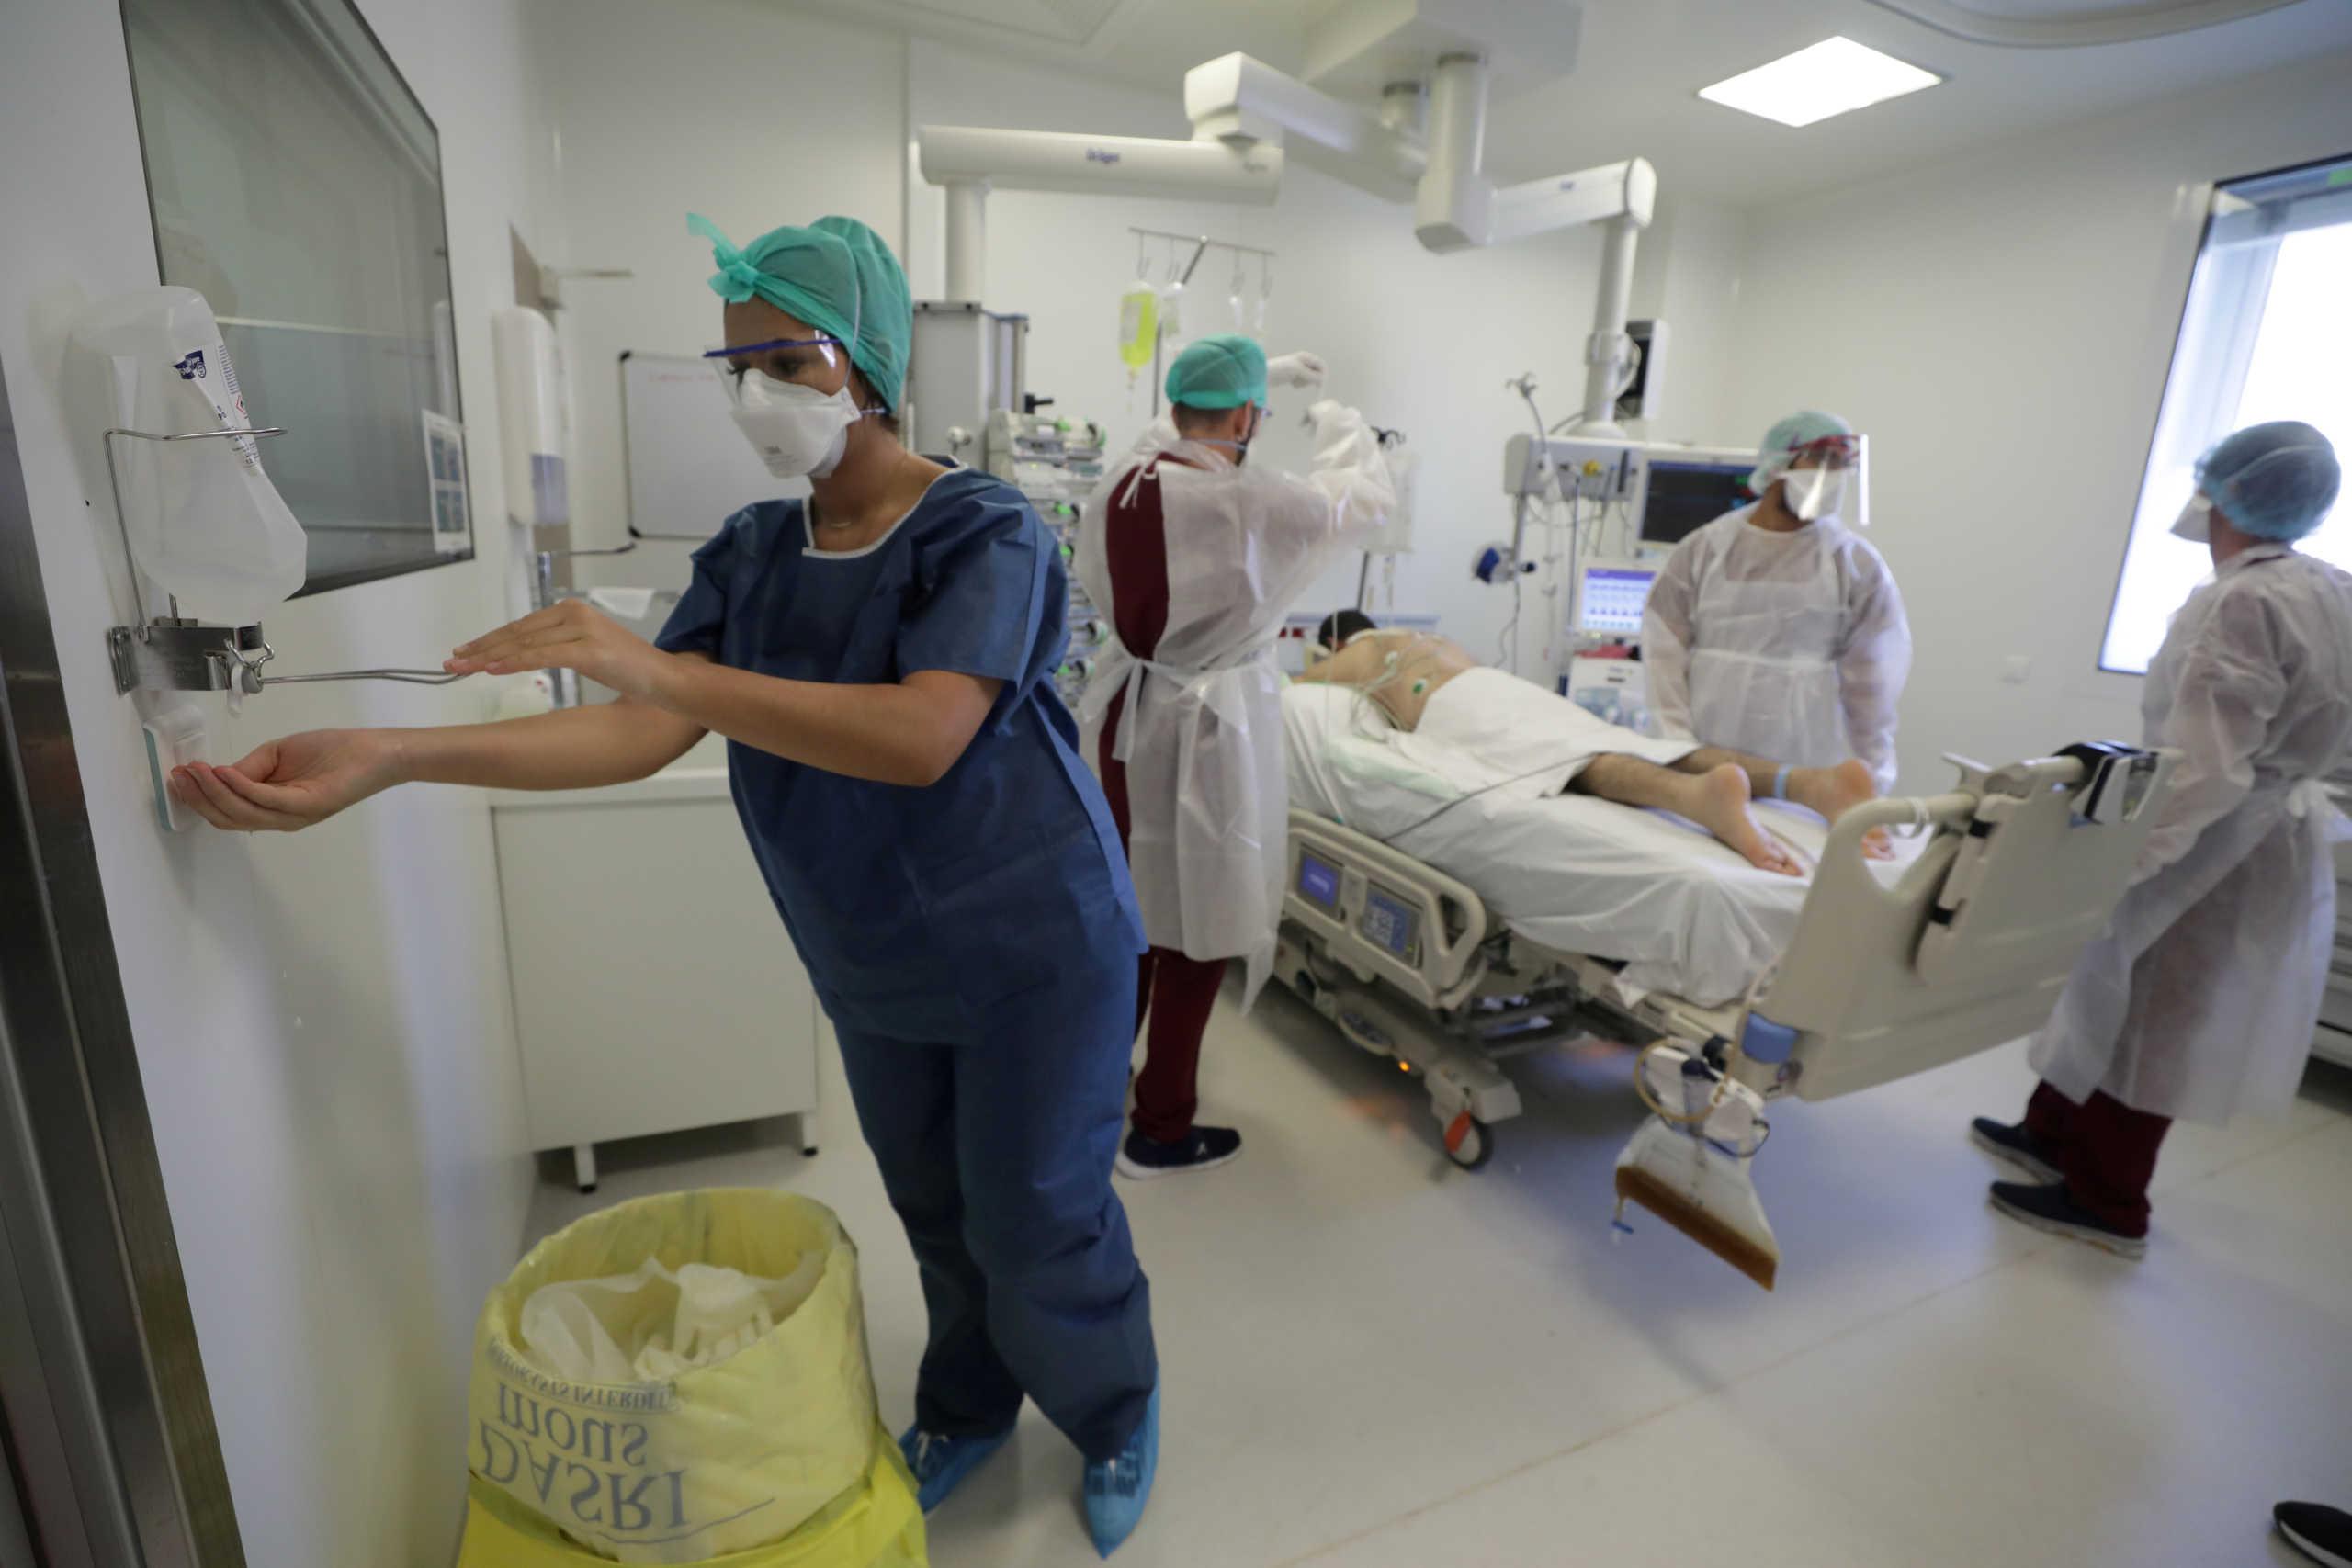 Αυστρία: Υποχωρεί ο αριθμός των ασθενών με κορονοϊό στις ΜΕΘ